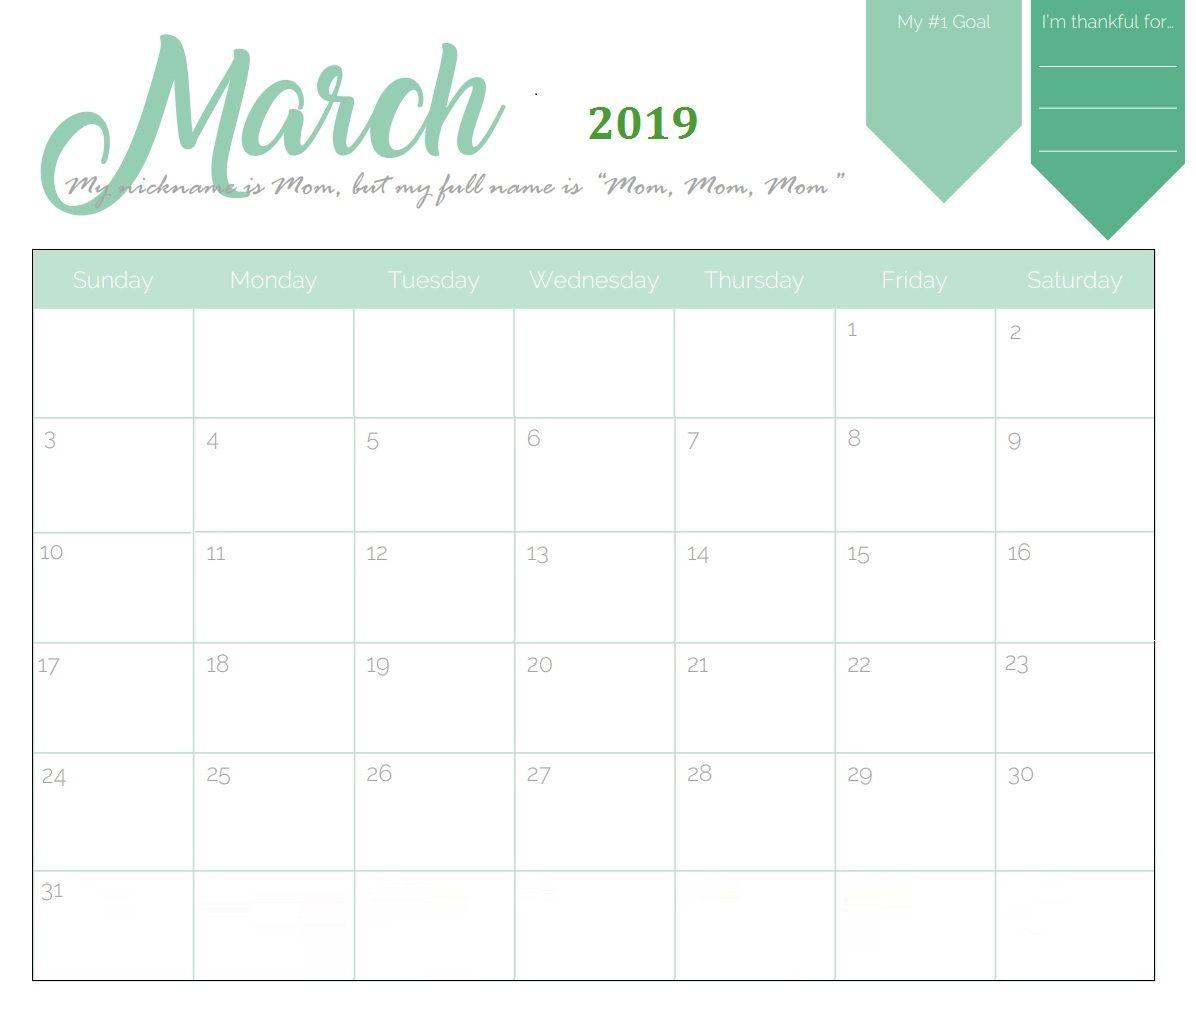 Printable Calendar 2019 March | Printable Calendar 2019 with March Calendar Printable Template